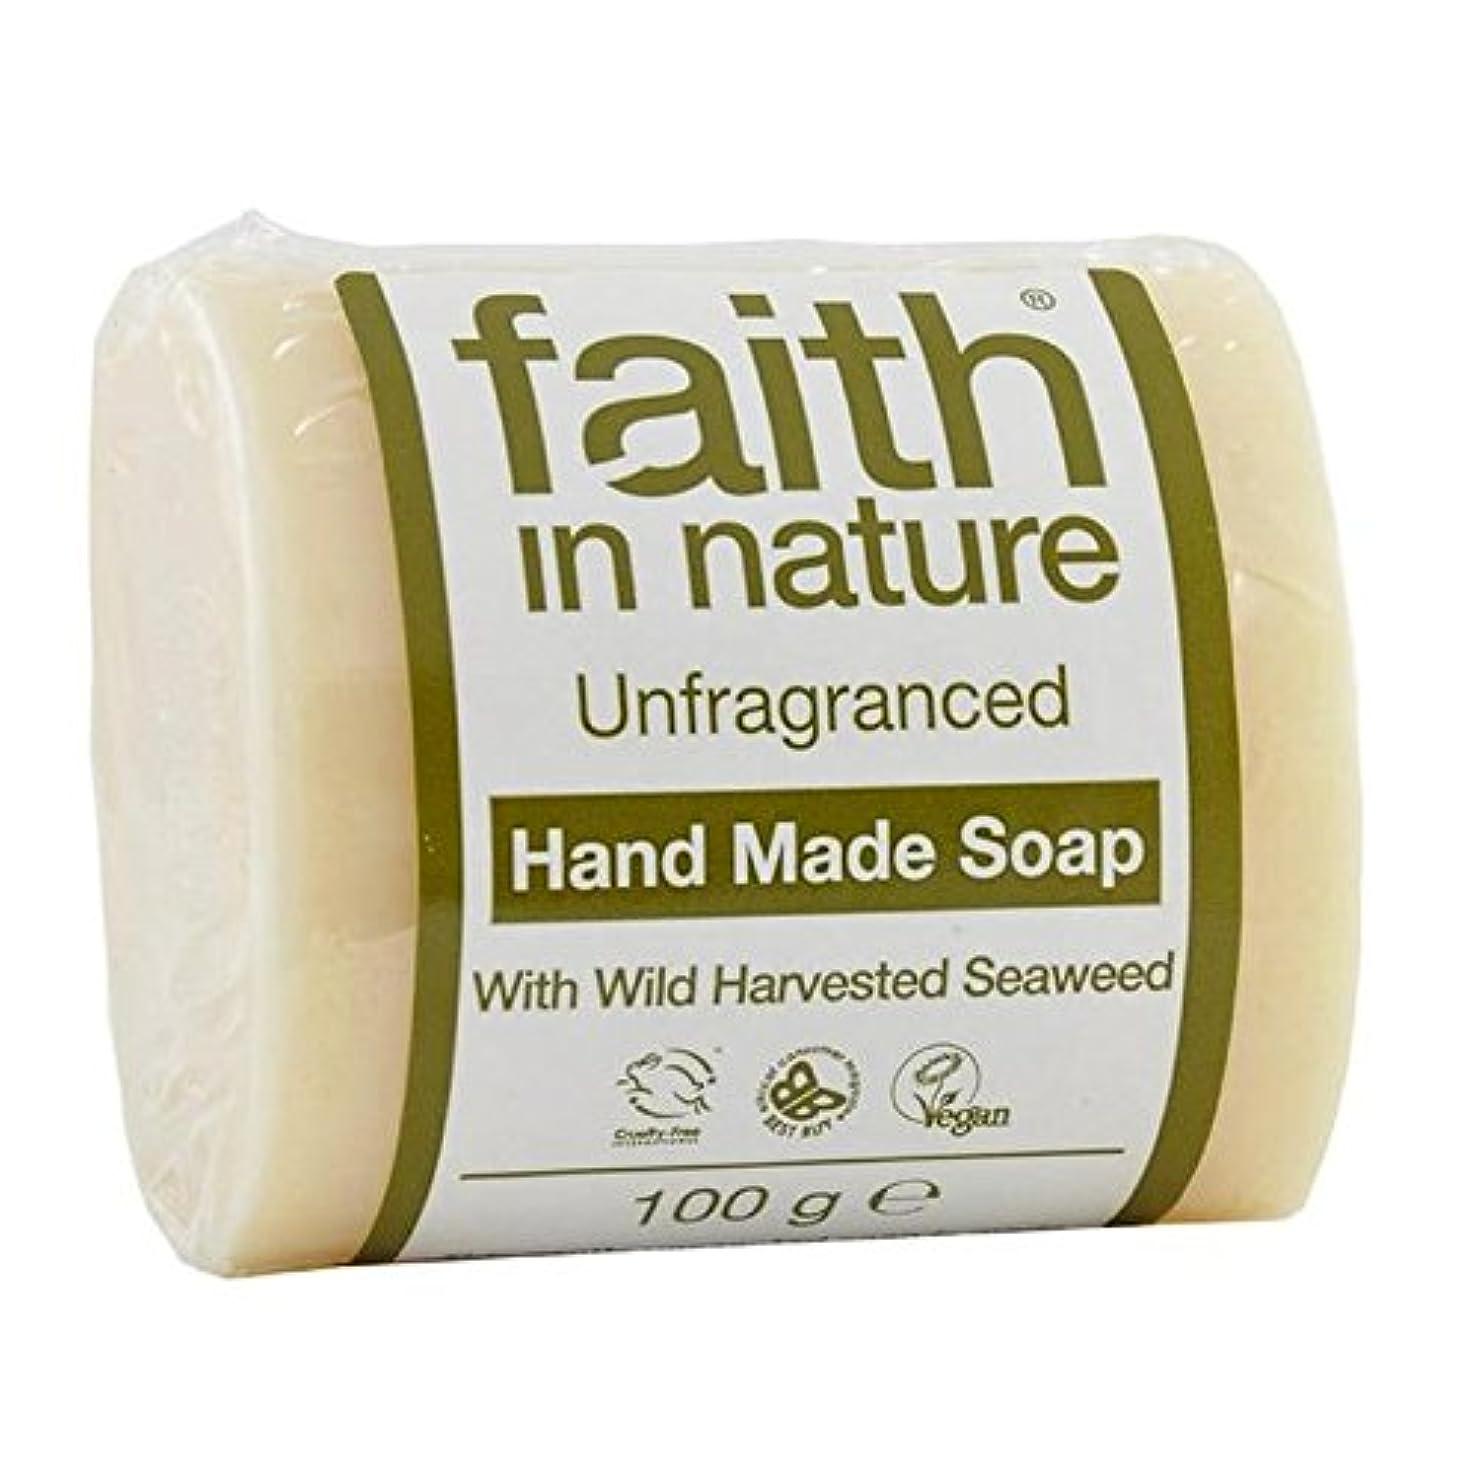 結び目露出度の高い遊びますFaith in Nature Unfragranced Pure Hand Made Soap 100g (Pack of 6) - (Faith In Nature) 自然の中で信仰は純粋な手作り石鹸100グラムを無香料 (x6) [並行輸入品]